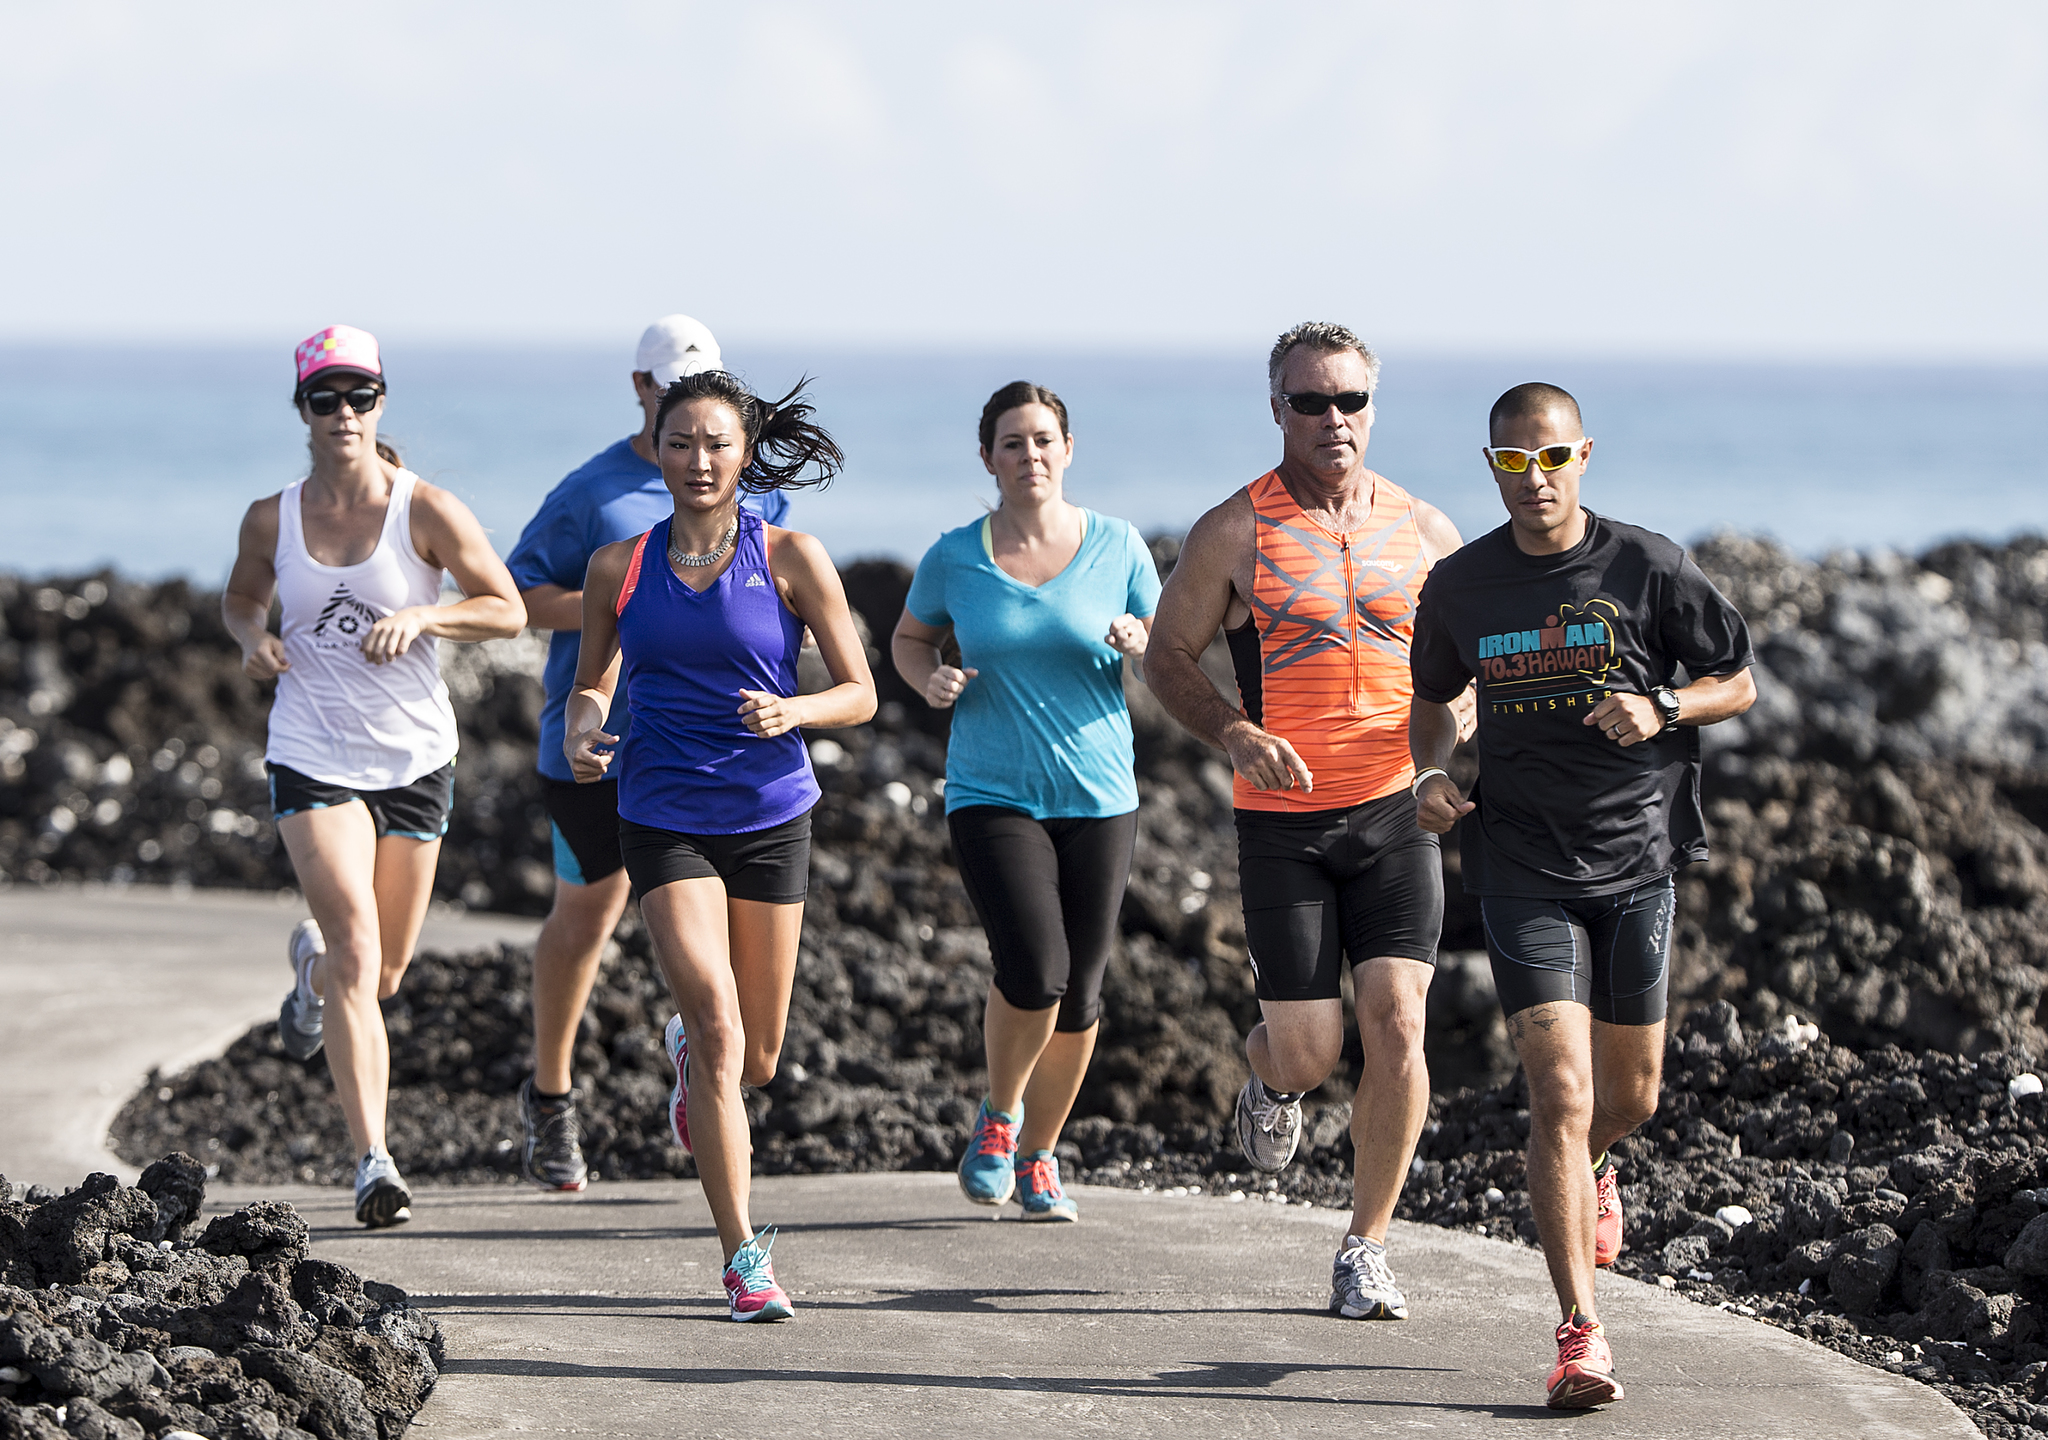 2018 carrie run for hope runners 3. sept.jpg